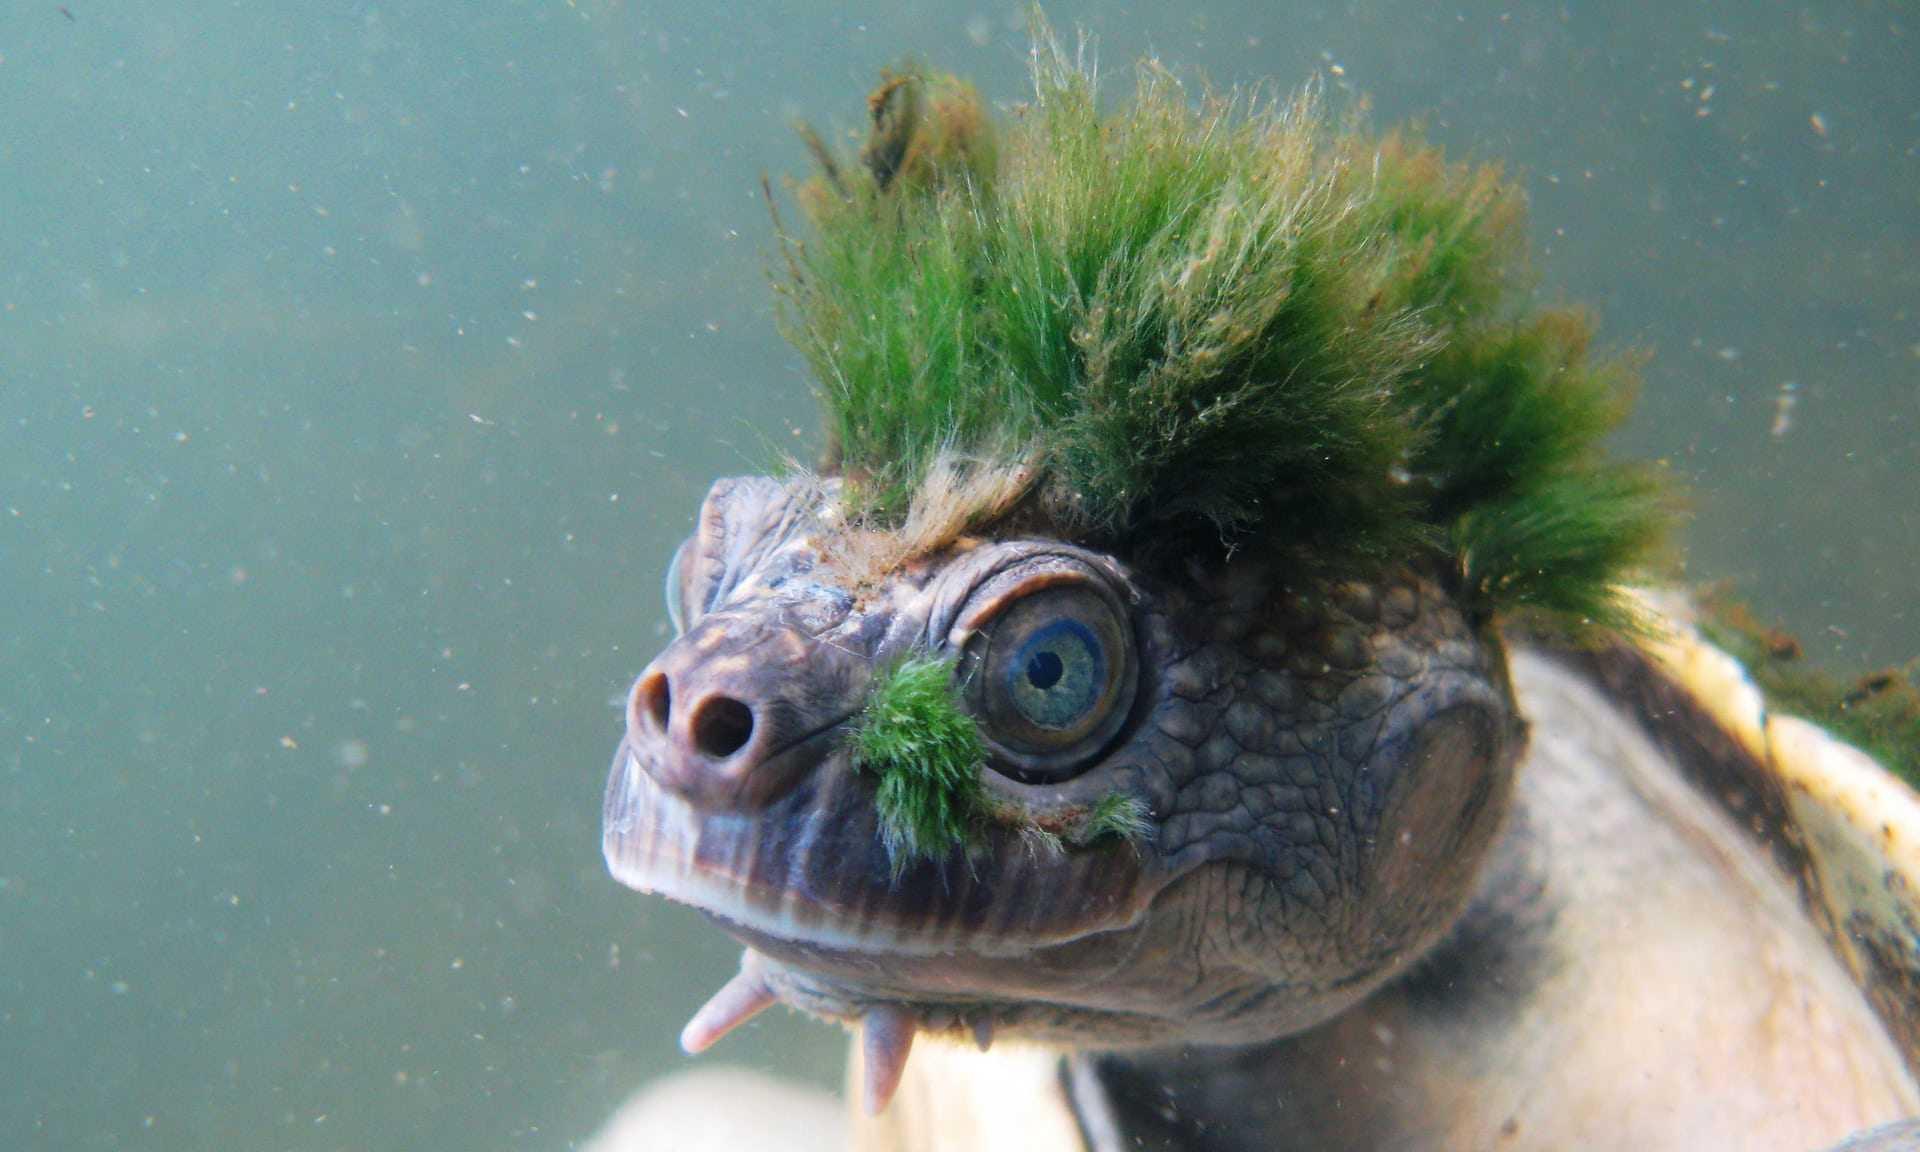 Черепаху с зелеными «волосами» признали исчезающим видом